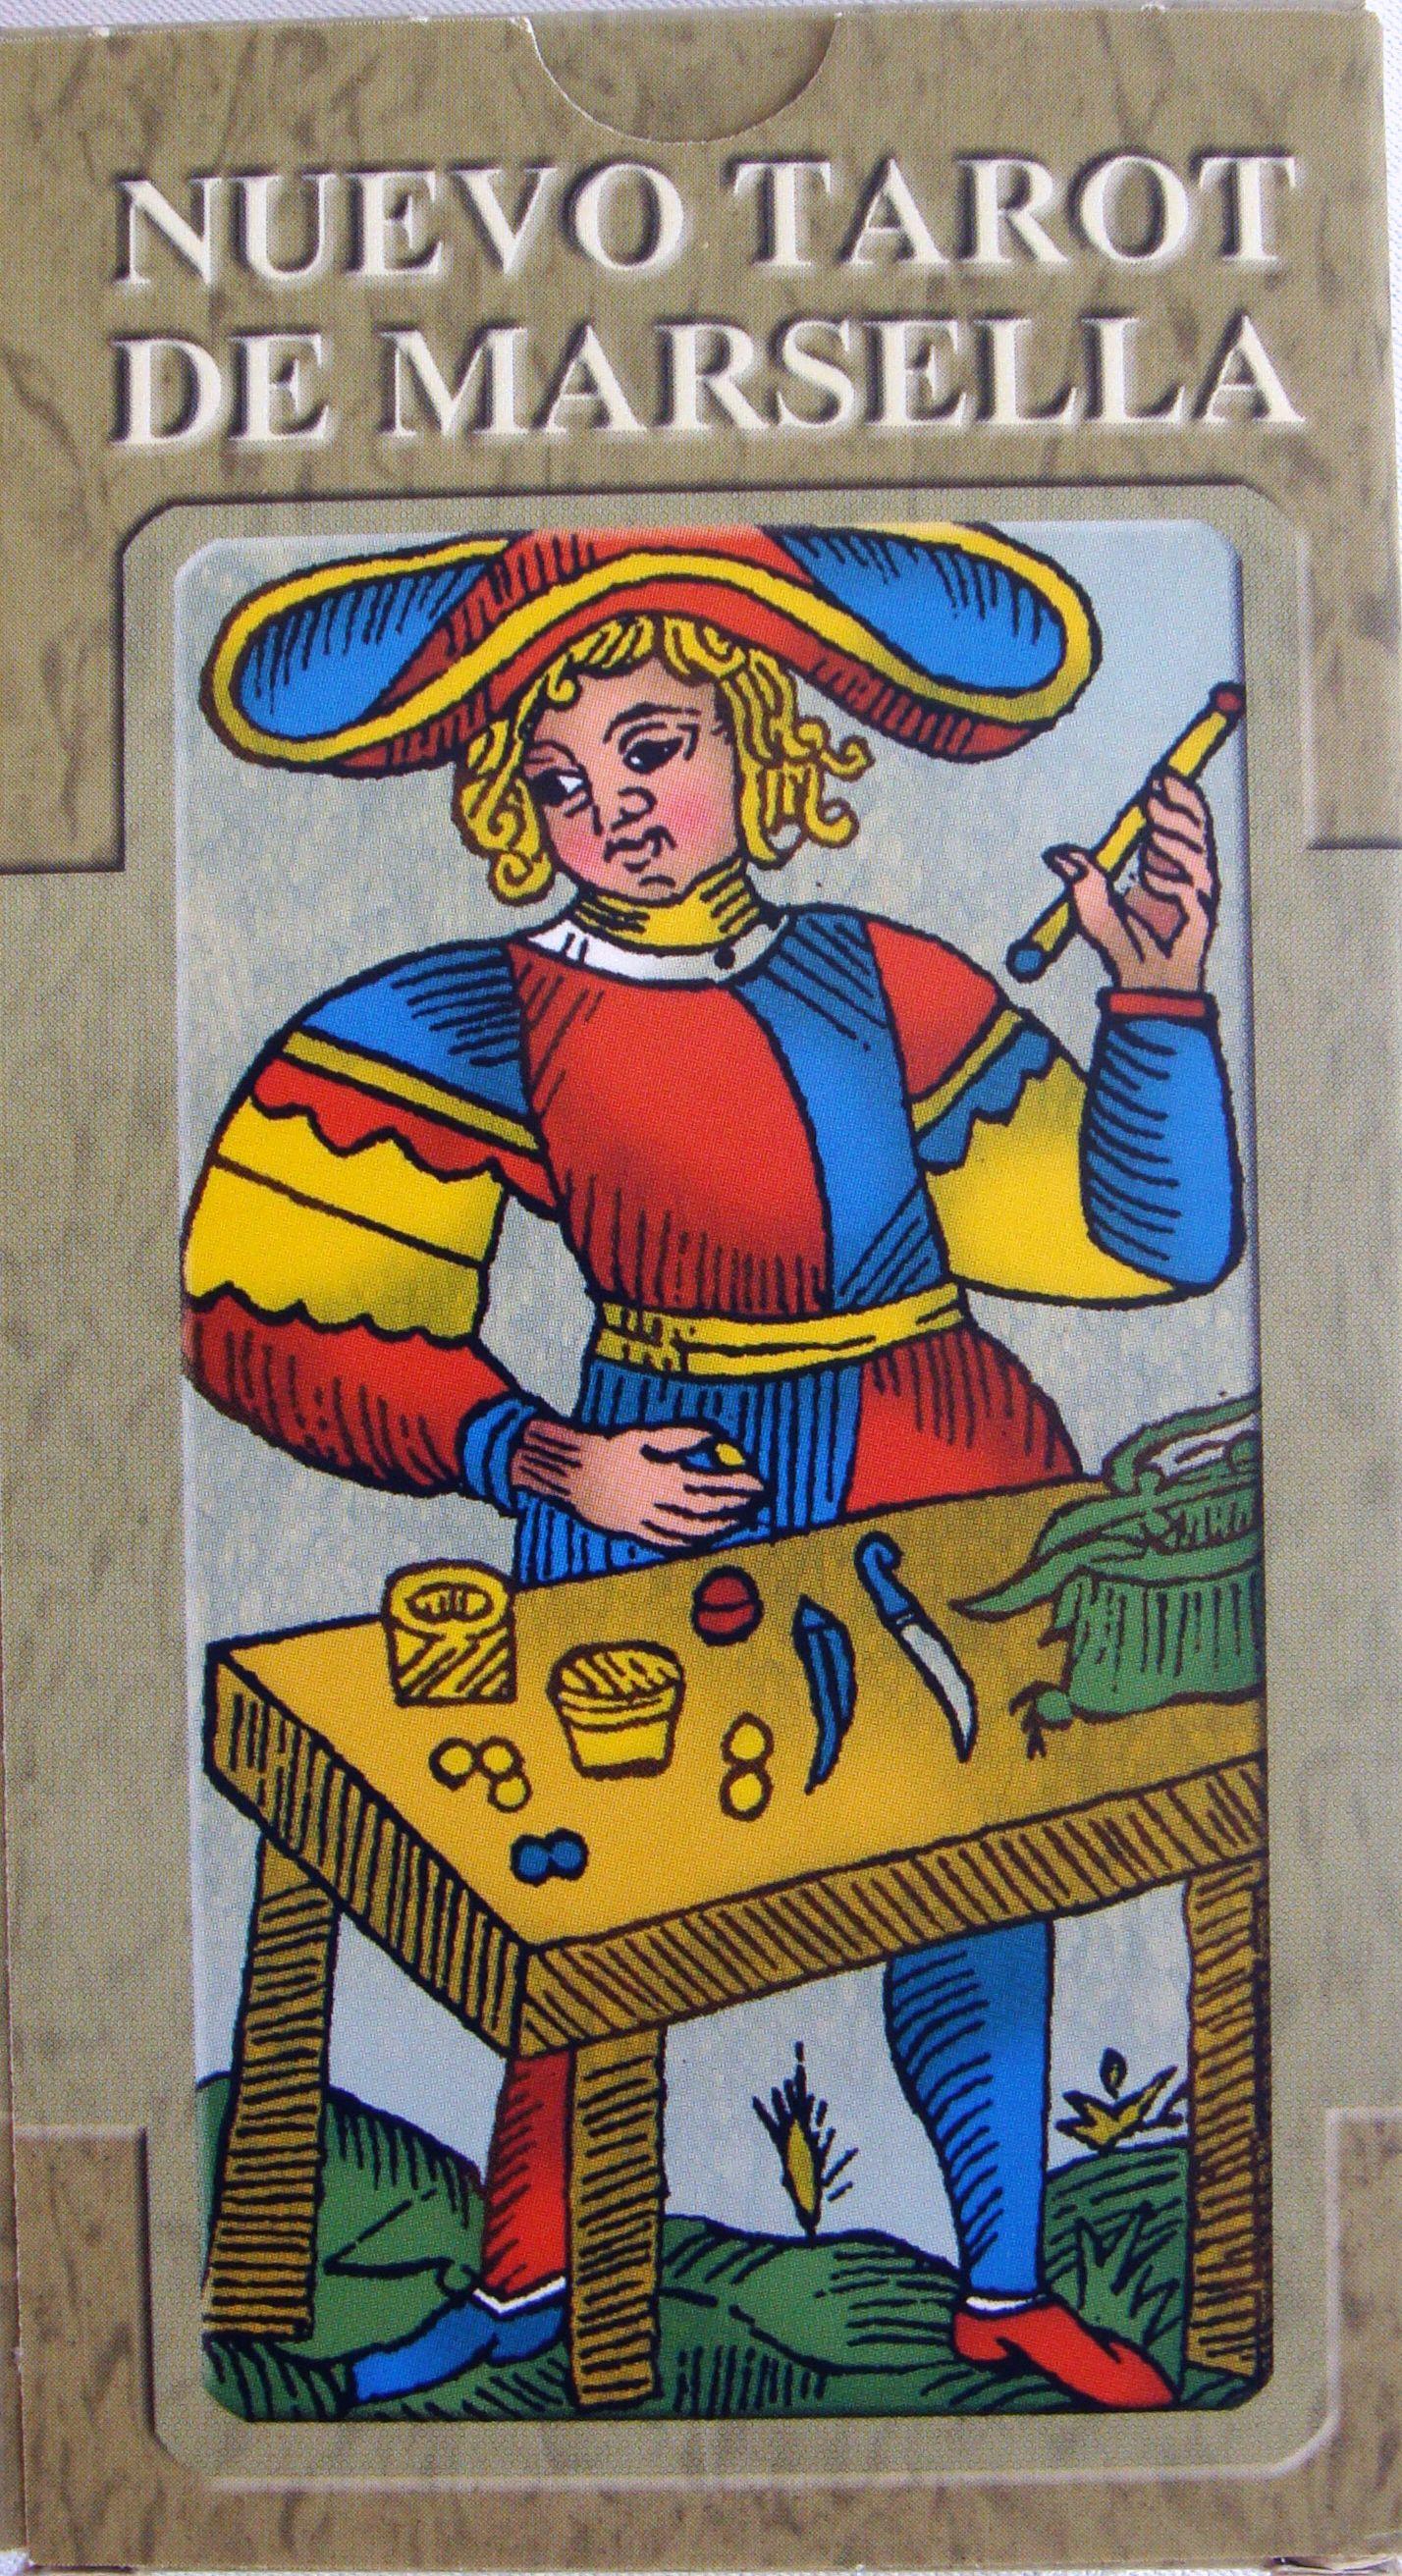 New tarot of marseille spanish edition tarot tarot de